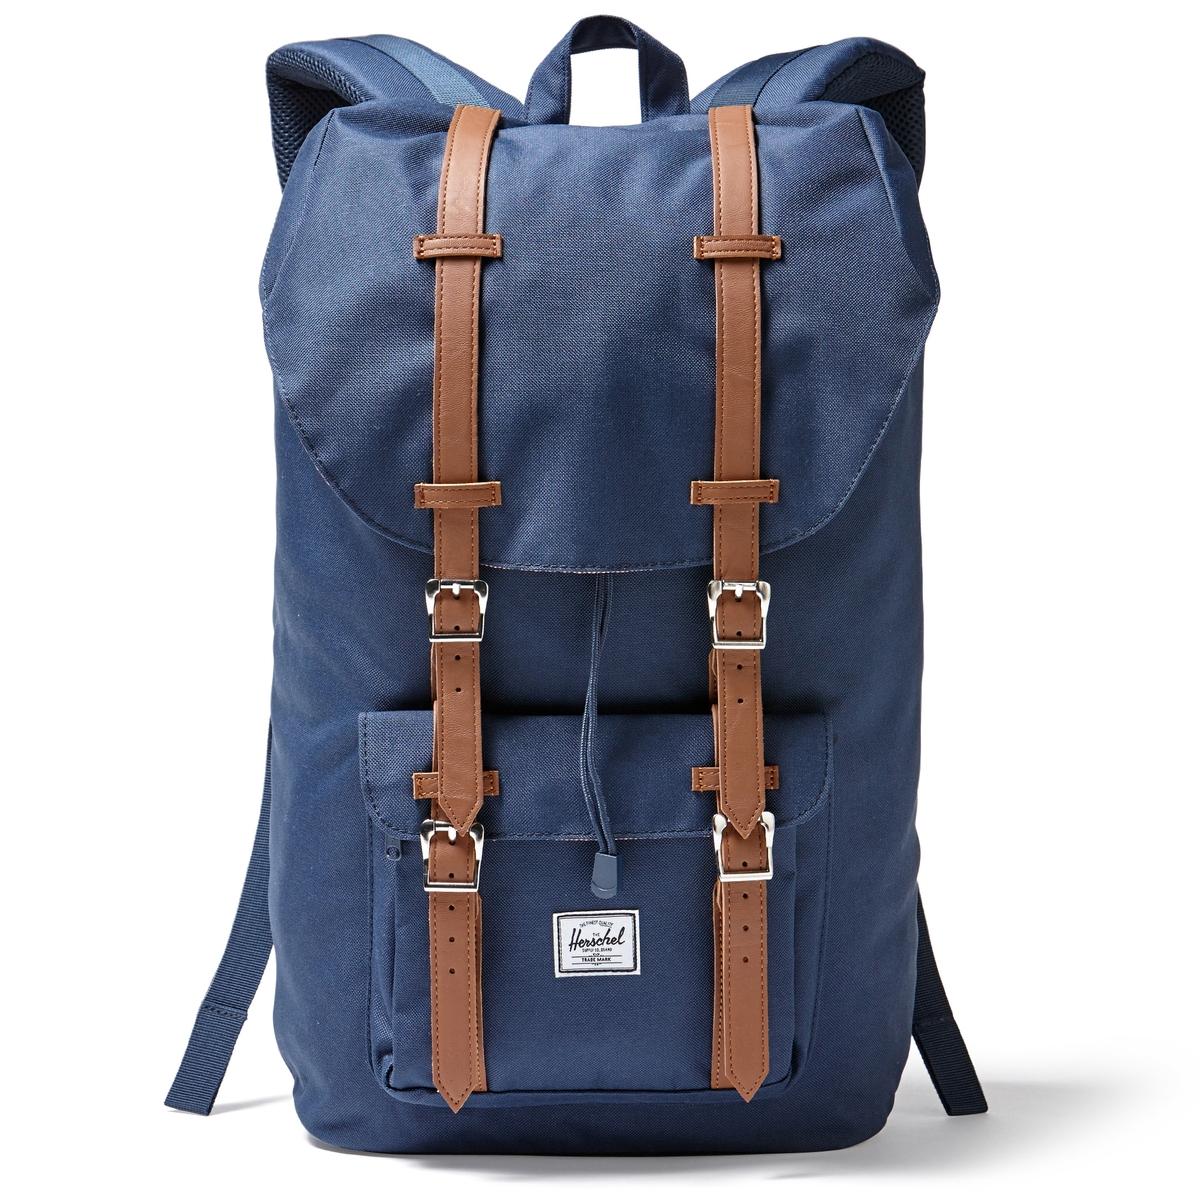 Рюкзак LITTLE AMERICA 25Л с карманом для ноутбукаОписание:Рюкзак HERSCHEL. 100% полиэстер. Регулируемые ручки. Небольшой внешний карман. Застежка на магниты. Внутреннее отделение для ноутбука.Размеры : 28 x 13 x 45 см.<br><br>Цвет: темно-синий